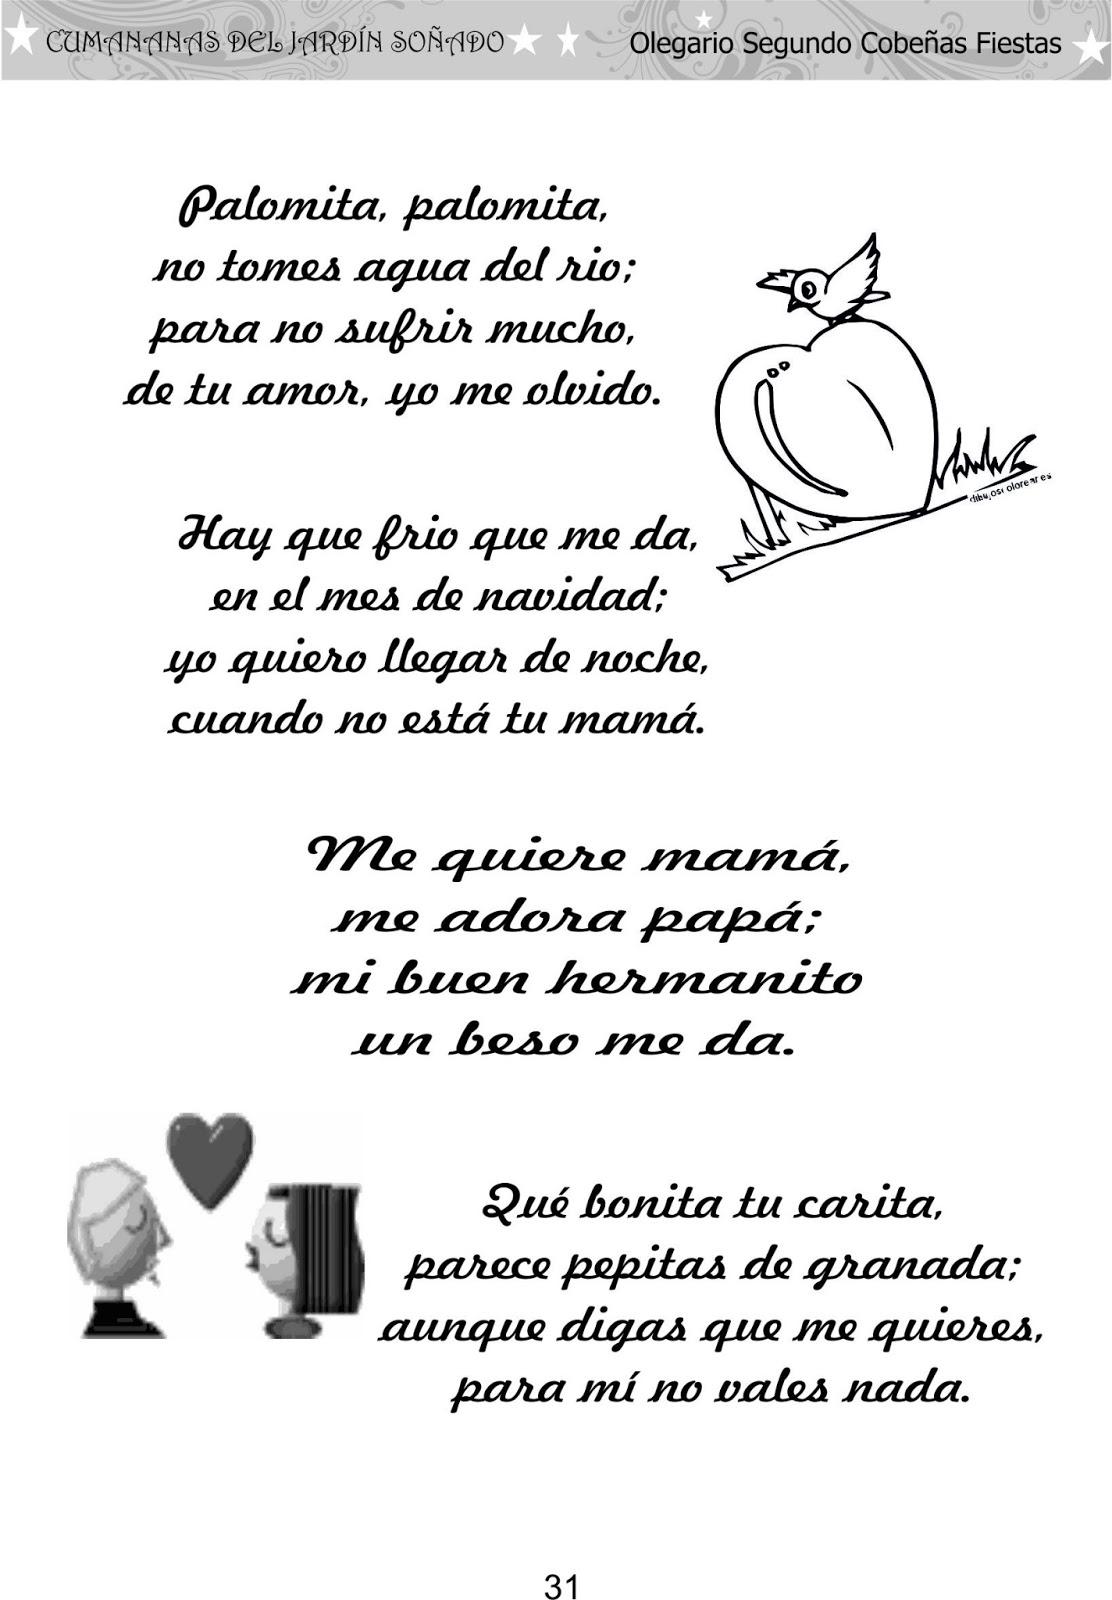 CUMANANAS DE AMOR PDF